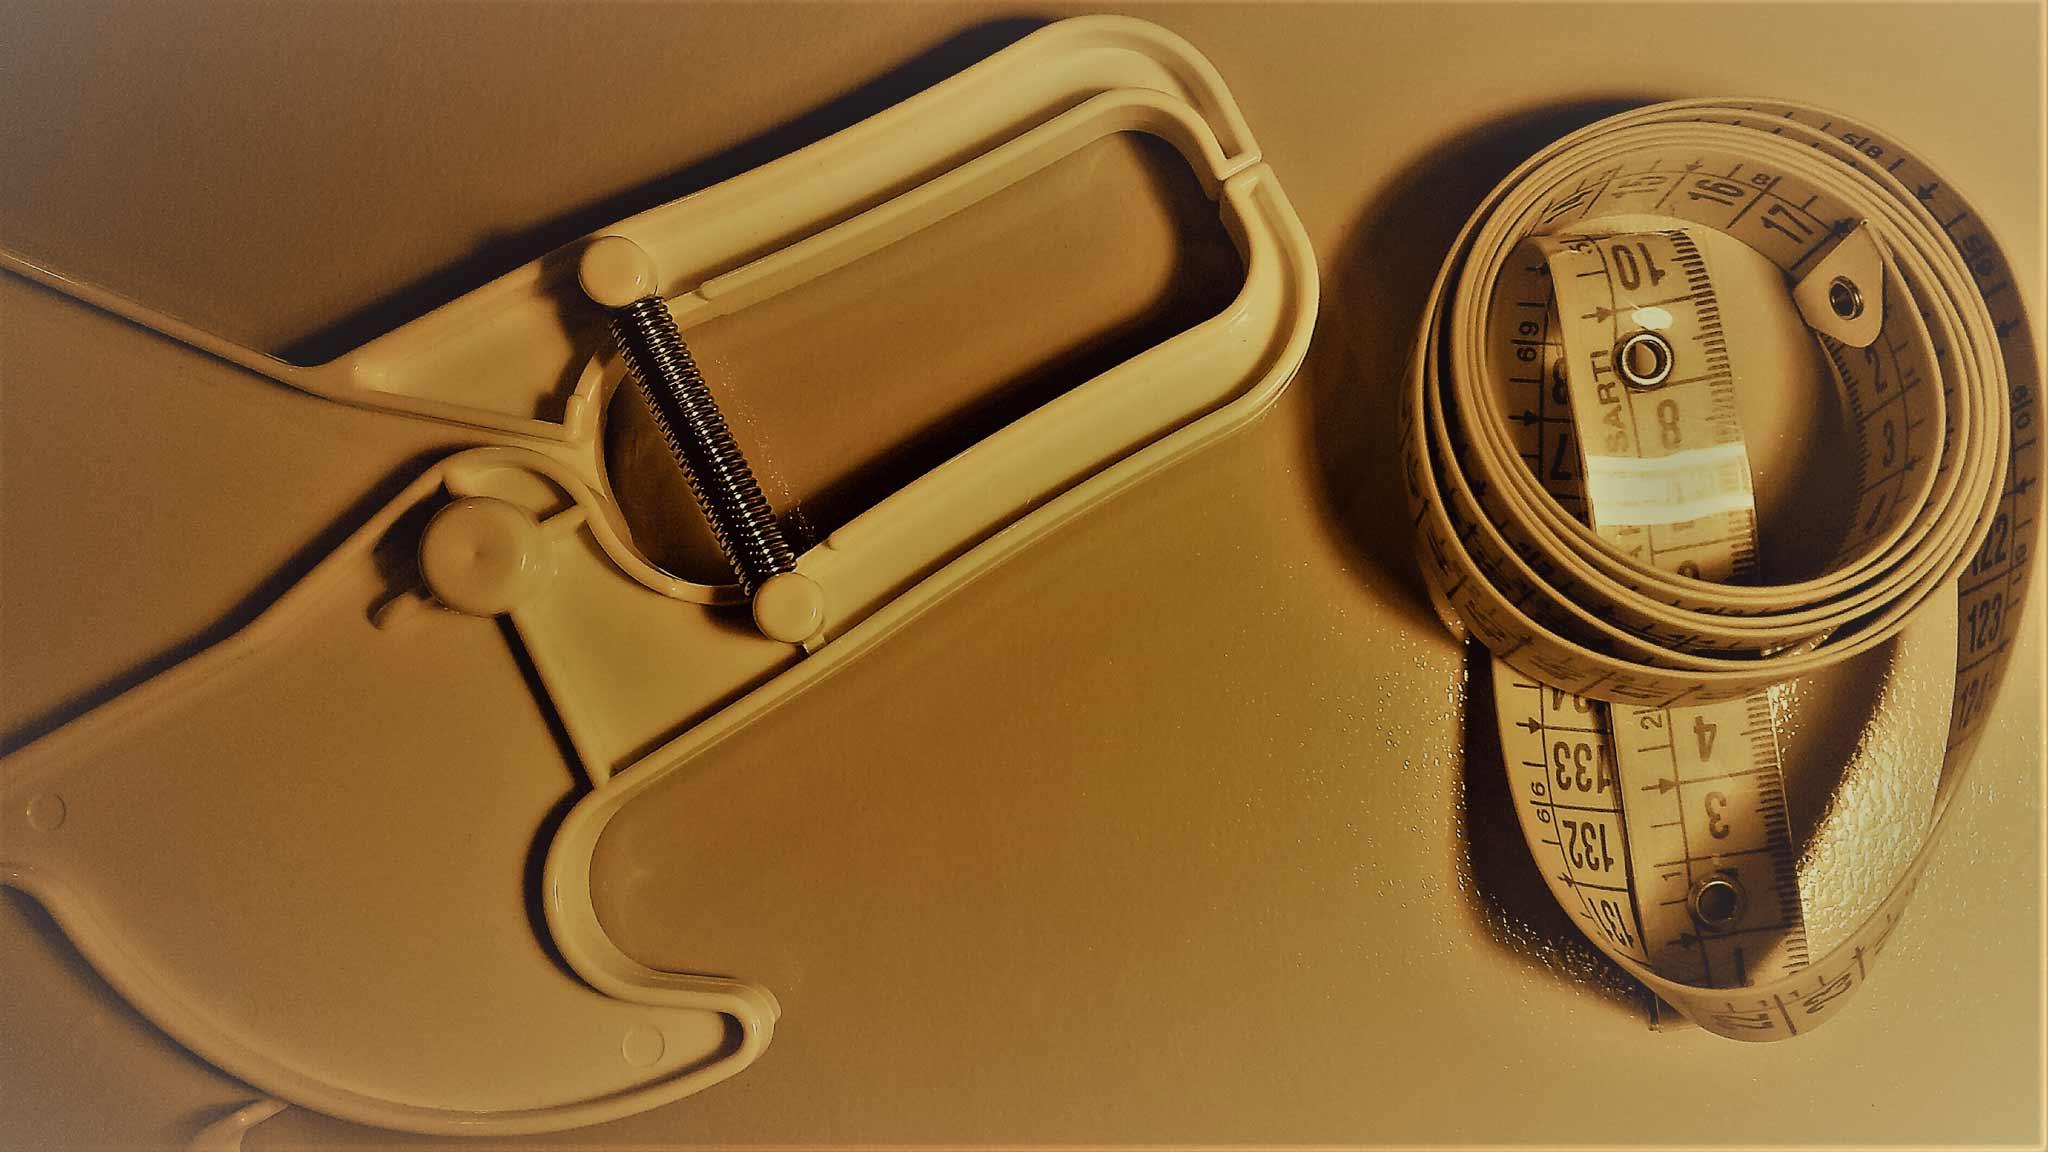 Il plicometro di plastica è preciso come il plicometro metallico?